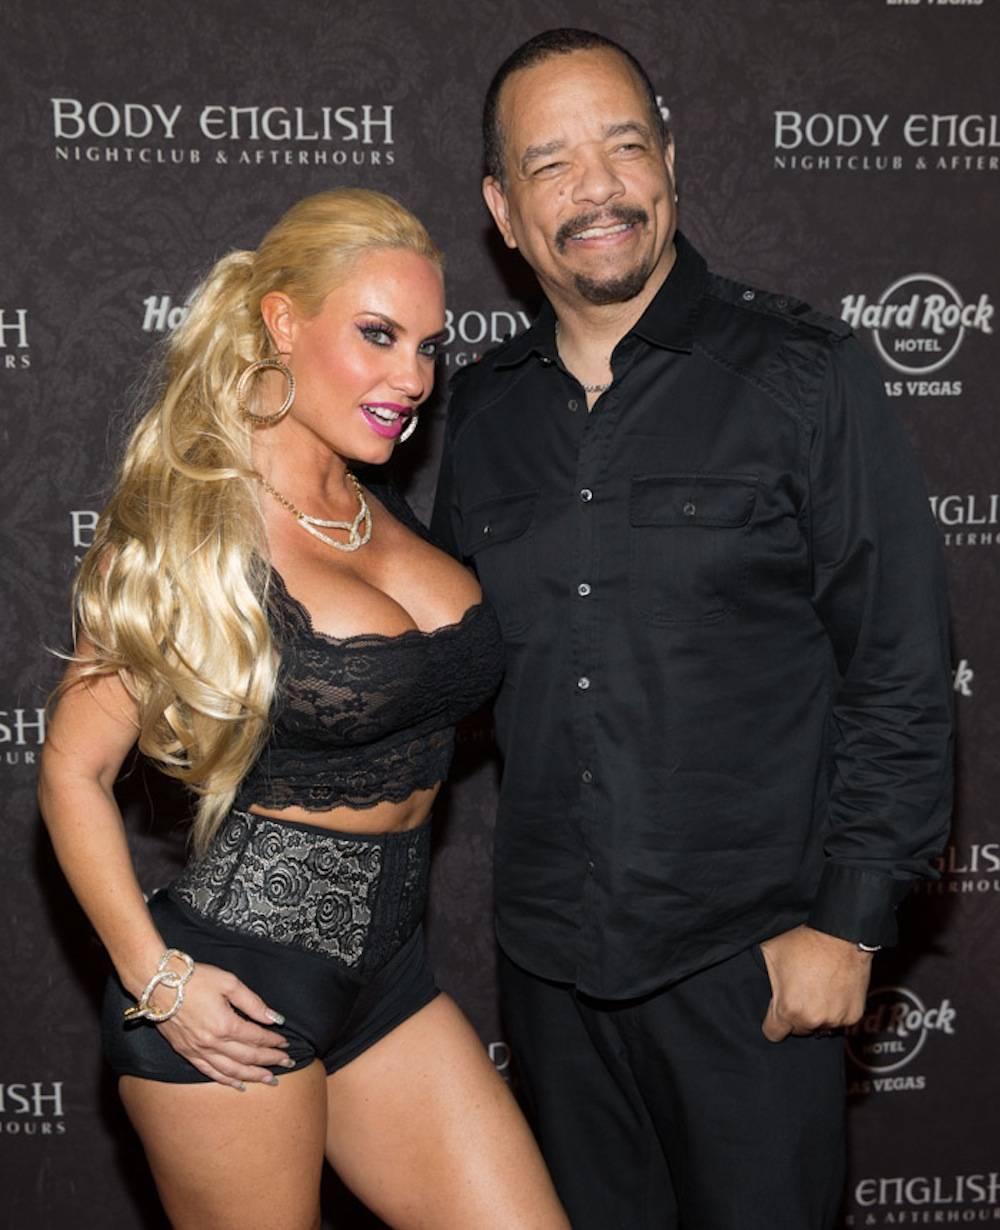 Coco and Ice-T at Body English Nightclub & Afterhours. Photos: Erik Kabik/Erik Kabik Photography